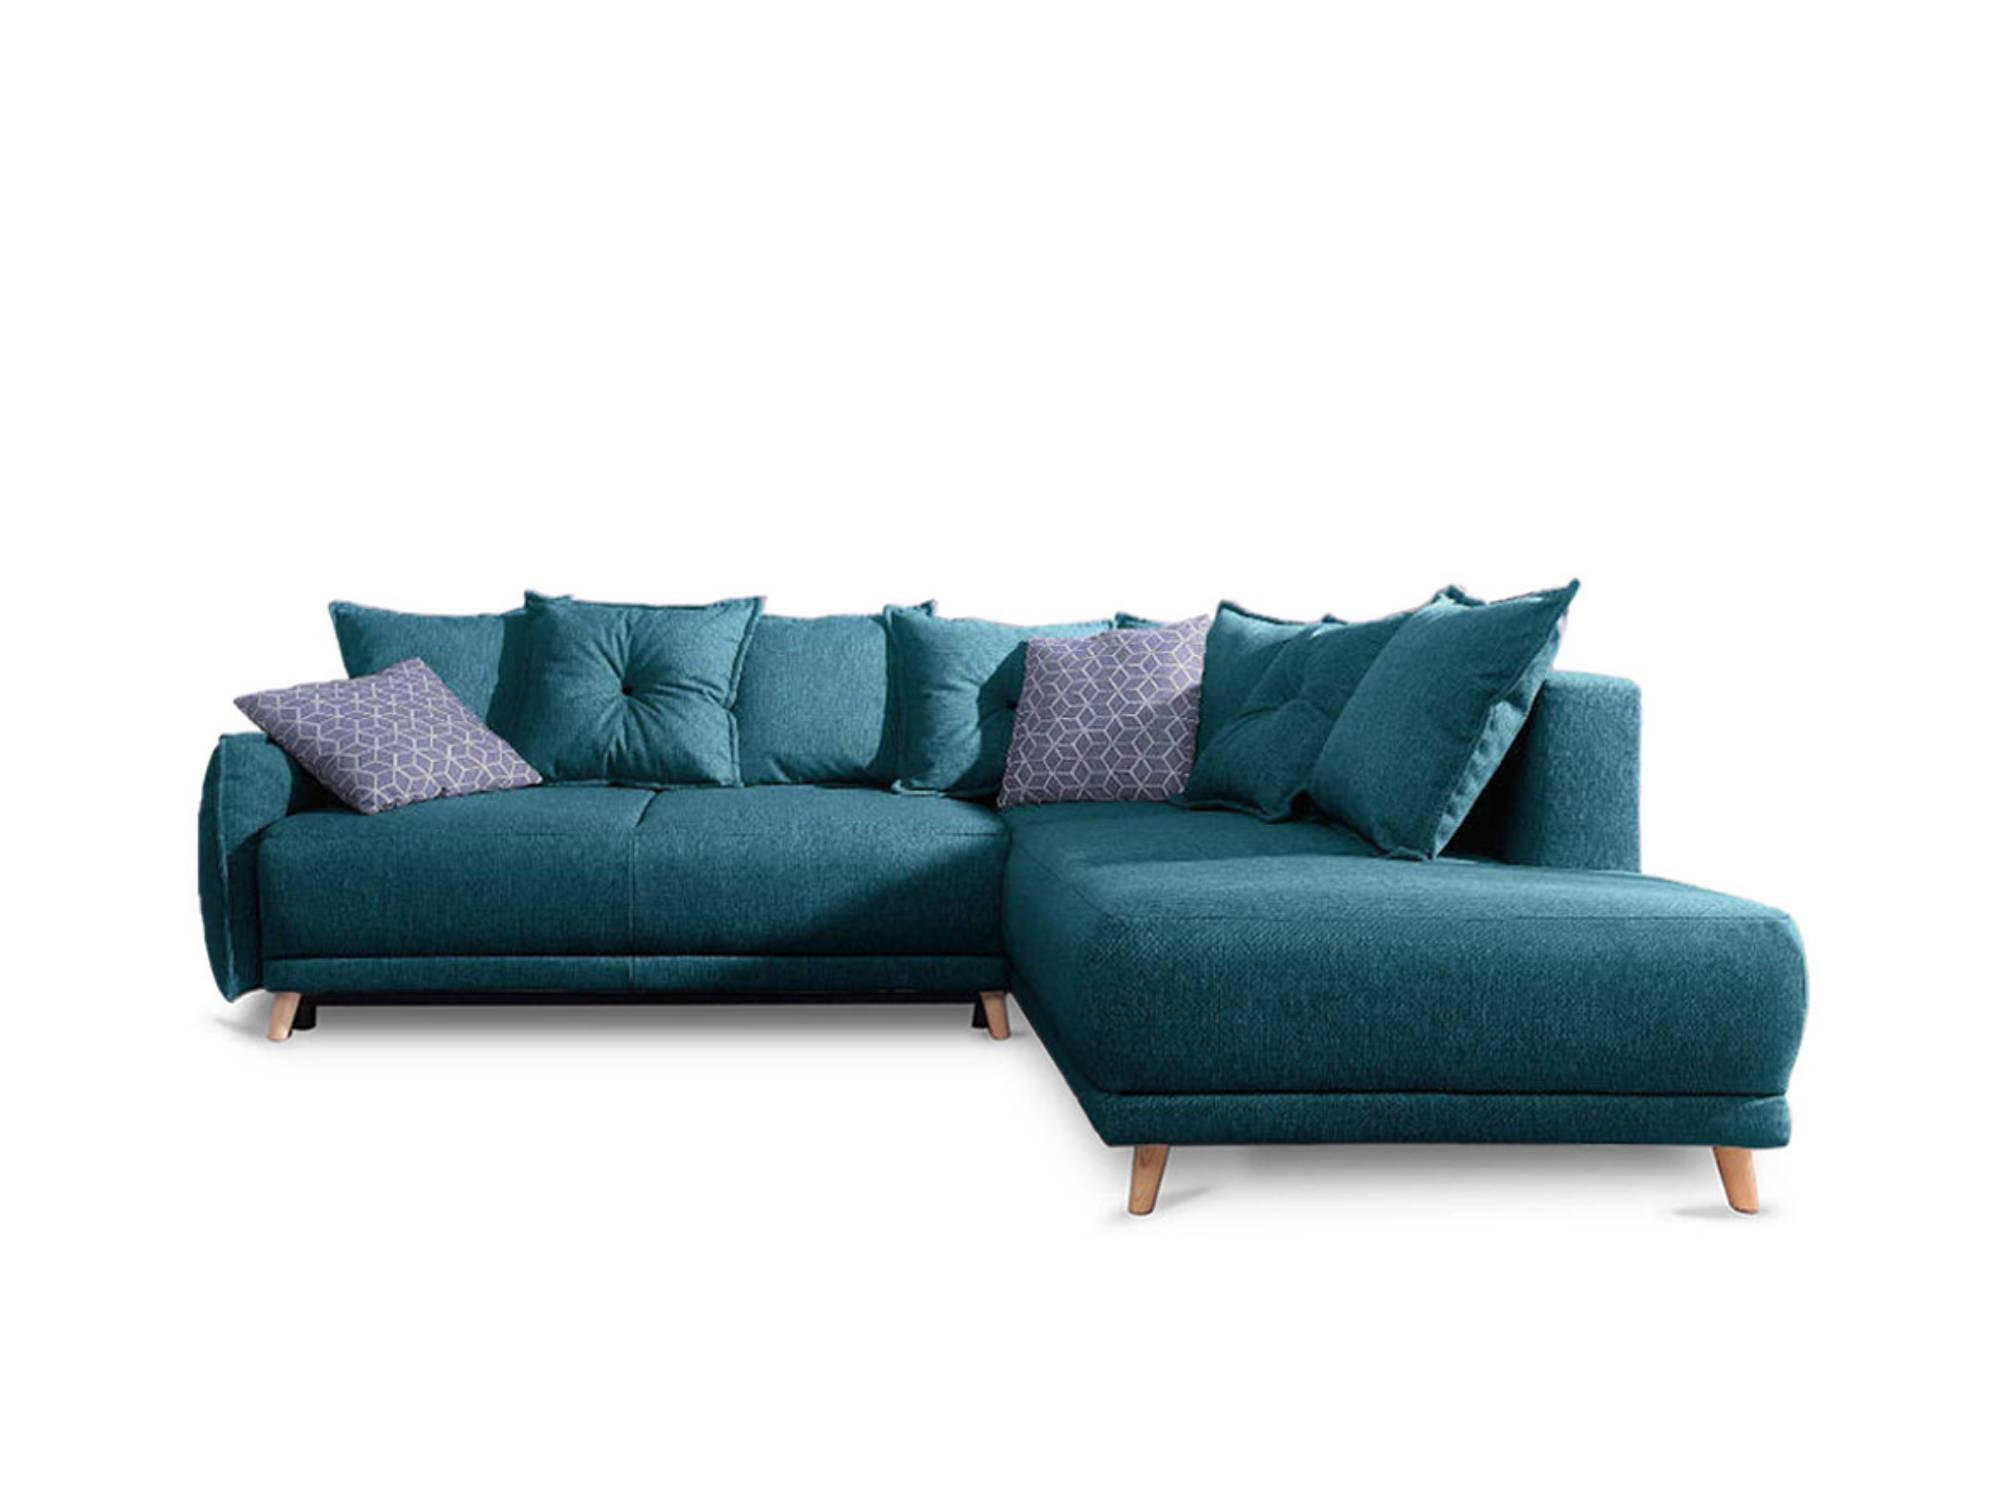 Canapé d'angle 5 places Bleu Tissu Contemporain Confort